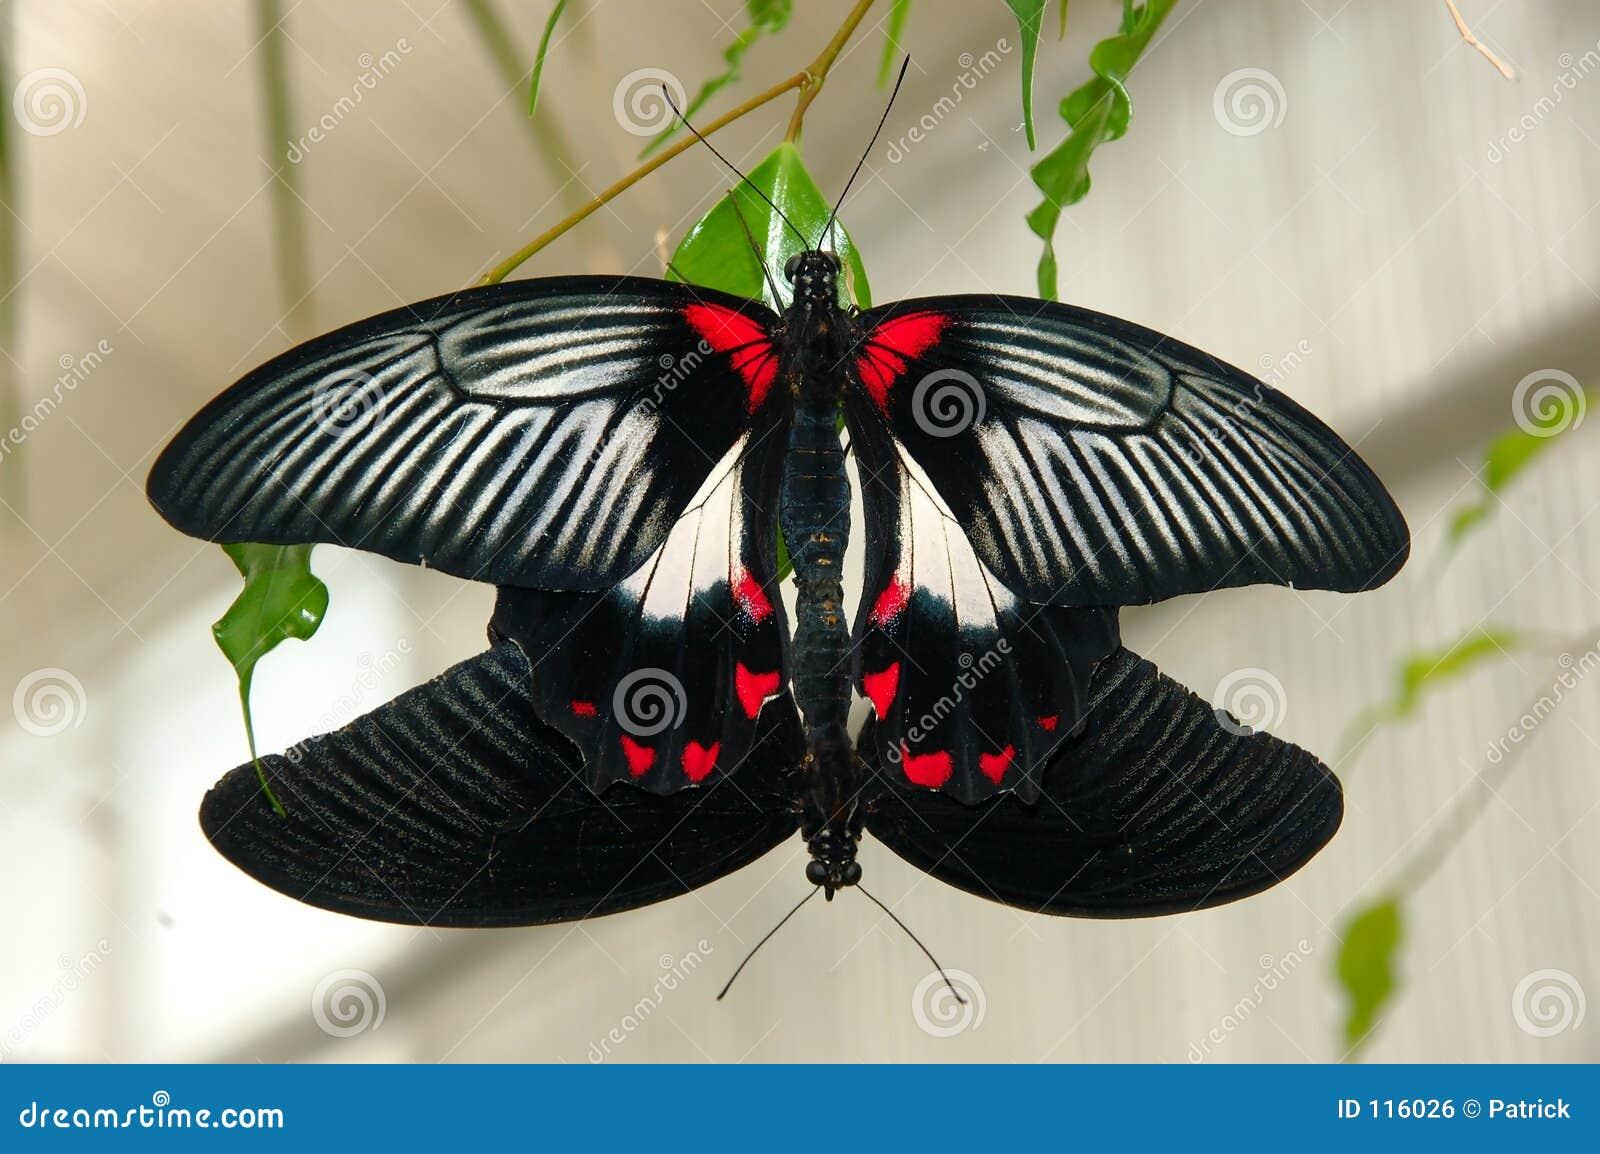 Butterflies copulating